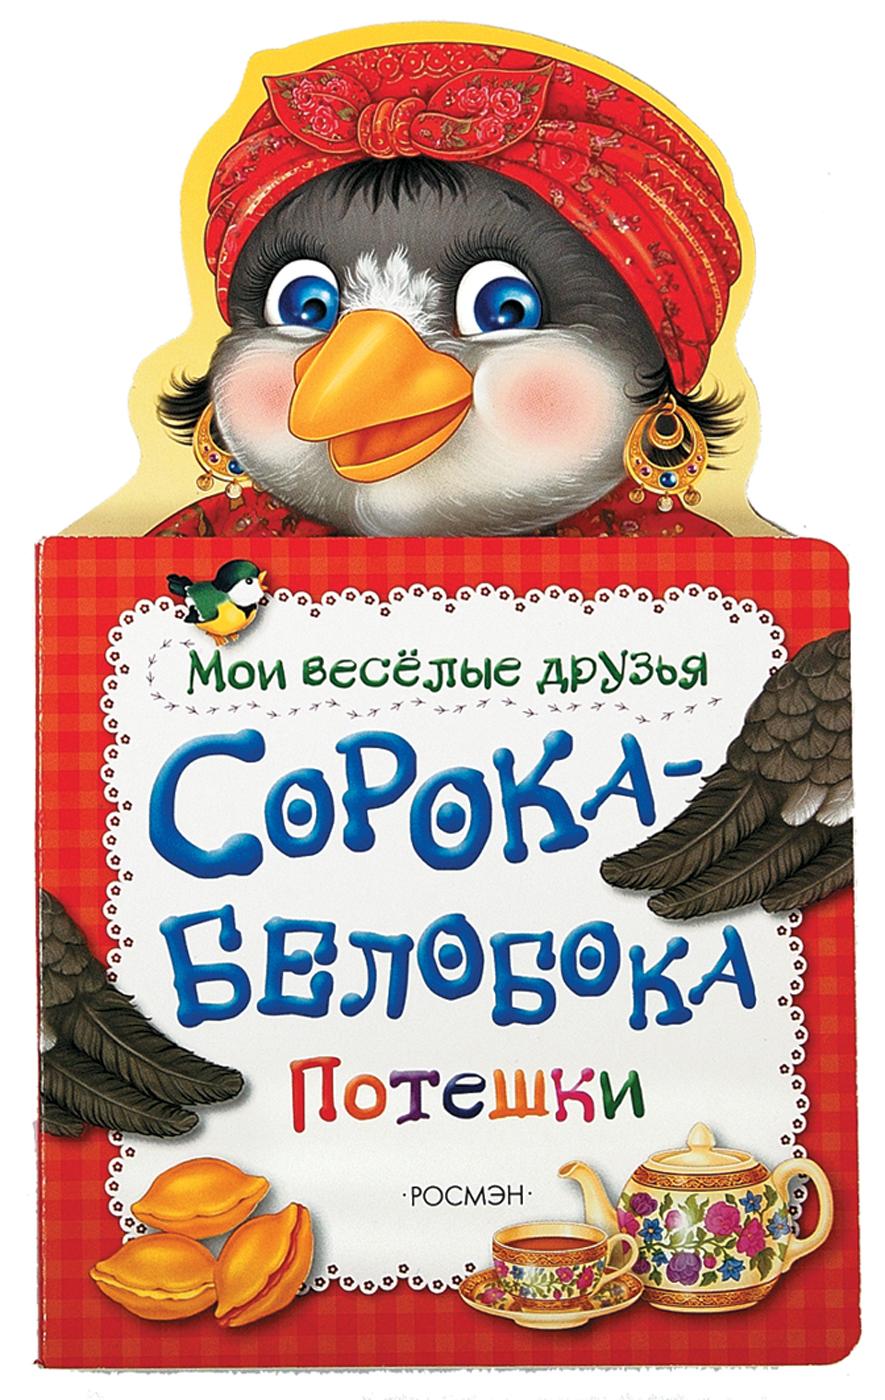 Мазанова Е. К. Сорока-белобока (Мои веселые друзья) (рос) коротеева е веселые друзья фантики аппликация из фантиков